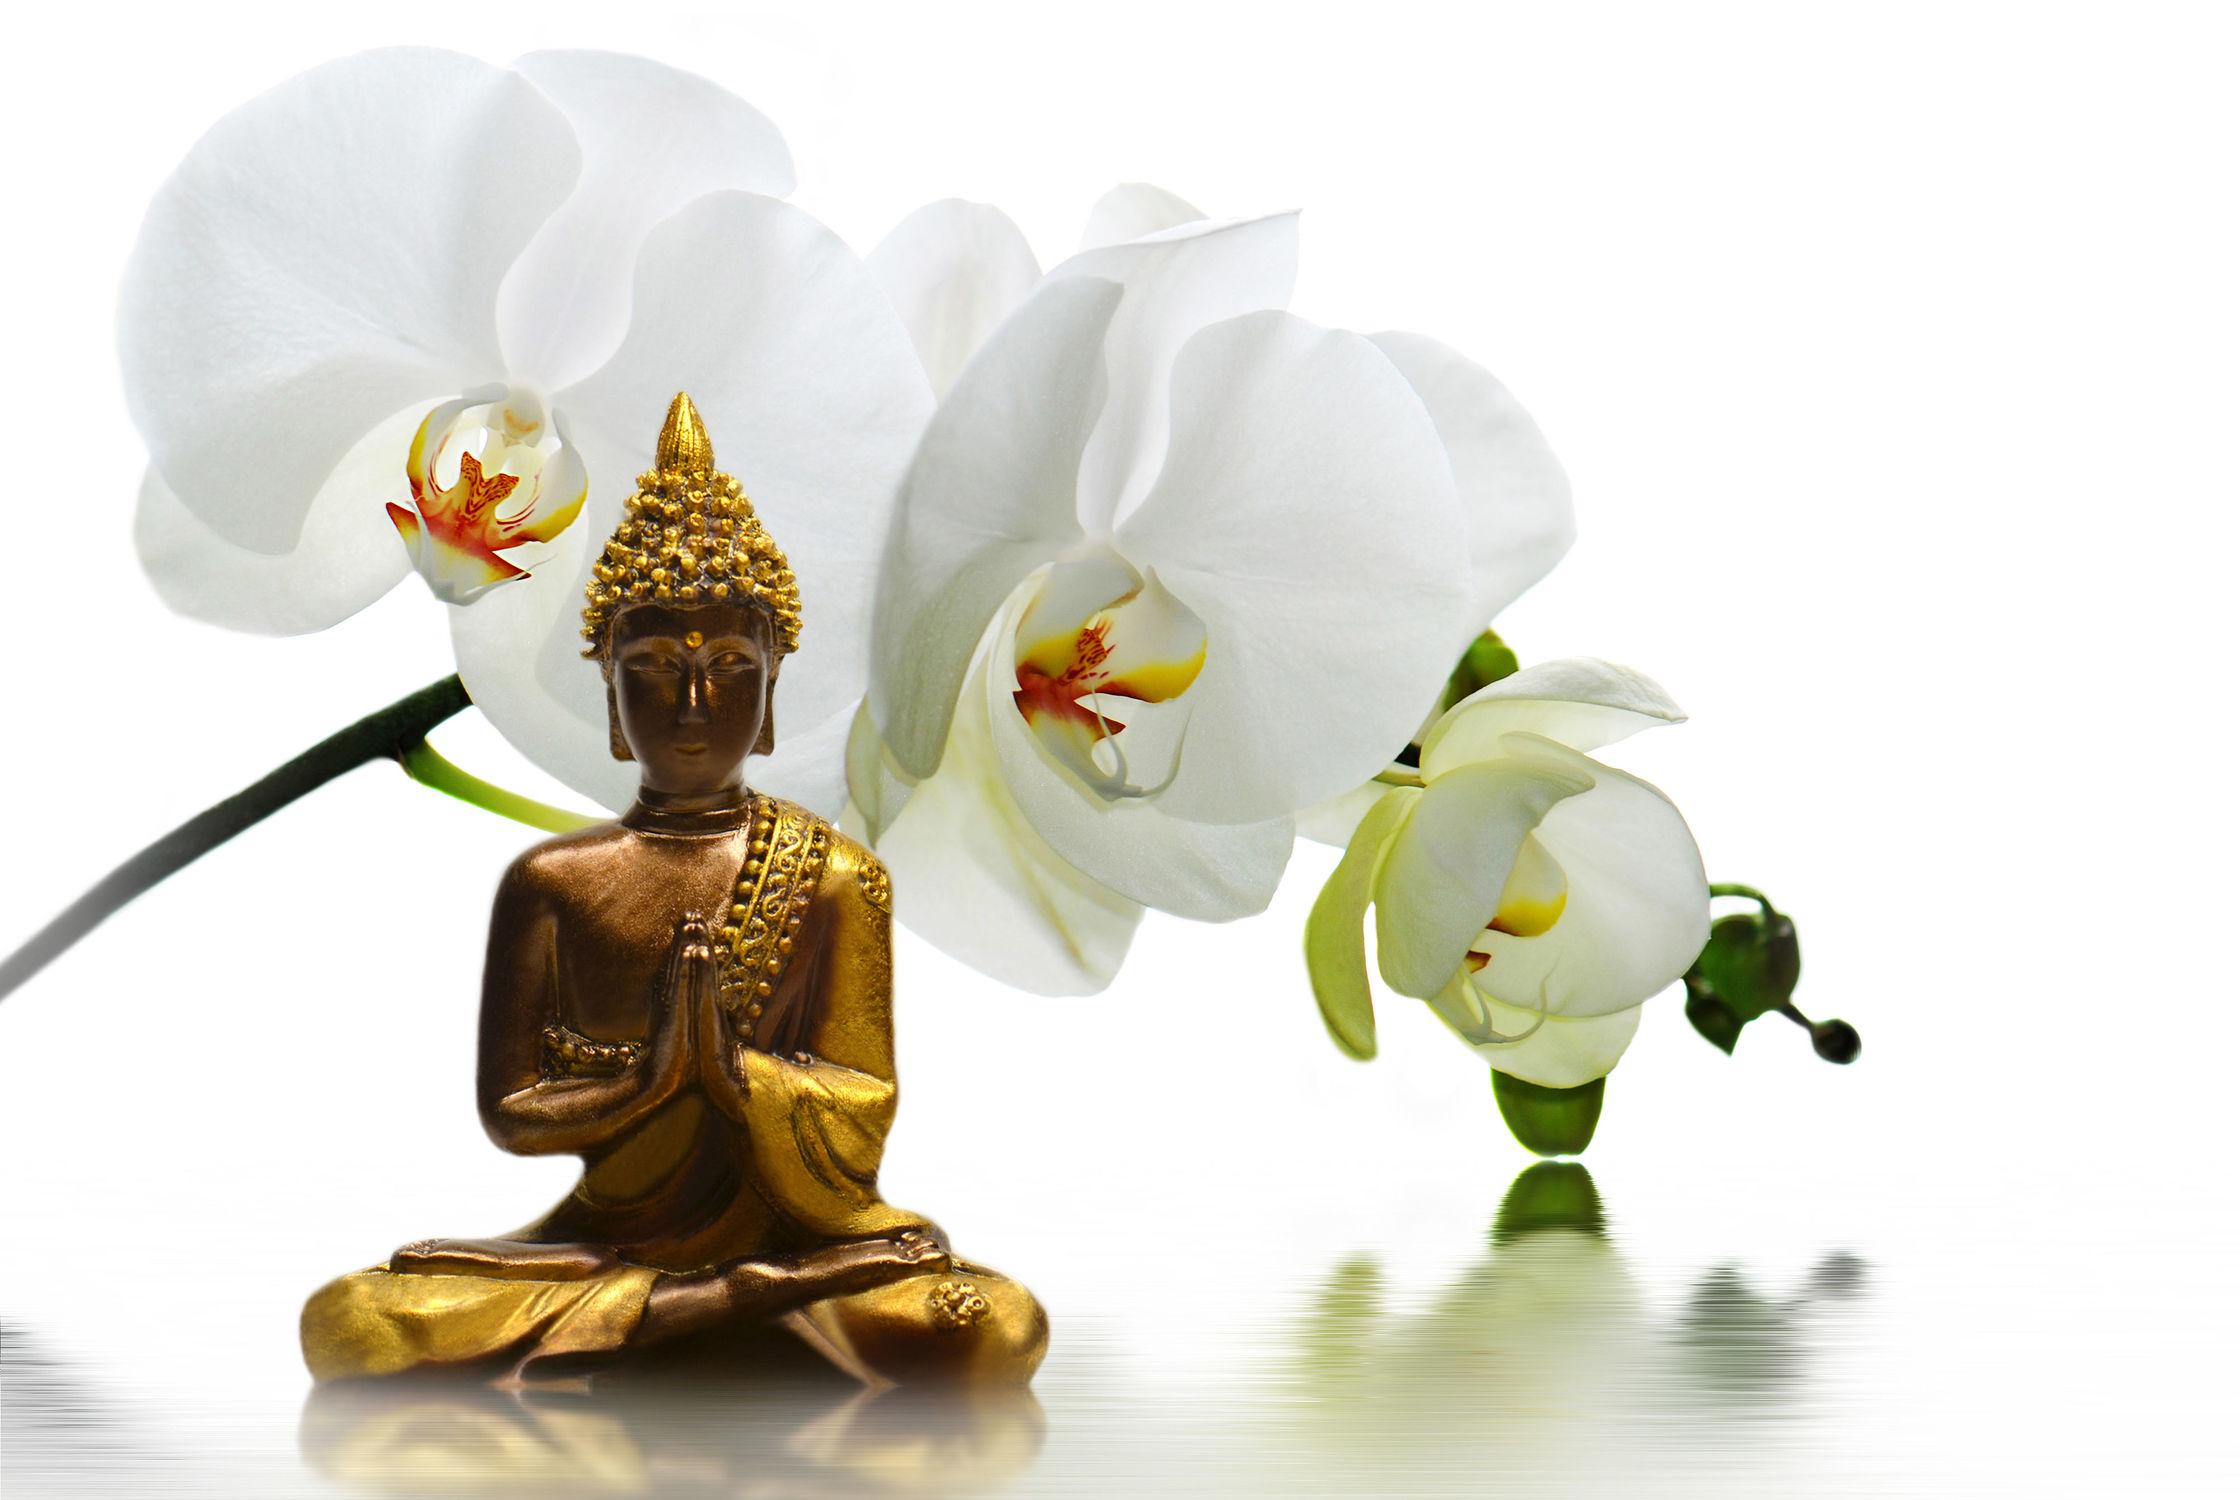 Bild mit Blumen, Steine, Blume, Orchidee, Pflanze, Meditation, Ruhe, Entspannung, Spiegelung, Buddha, Buddha, Wellness, Wellness, blüte, detail, Erholung, Deko, asien, Religion, dekorativ, Dekoration, Symbol, relax, glaube, symbolik, EXOTIC, shui